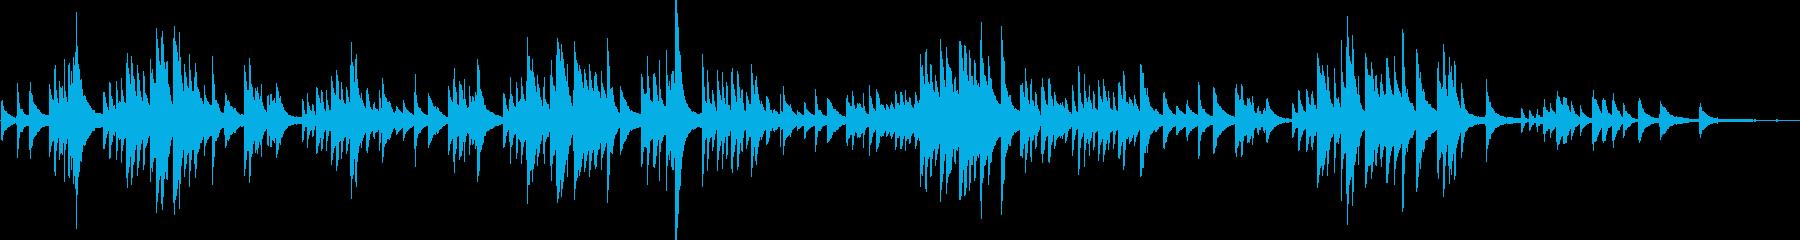 シューマンの人気曲、トロイメライです。の再生済みの波形